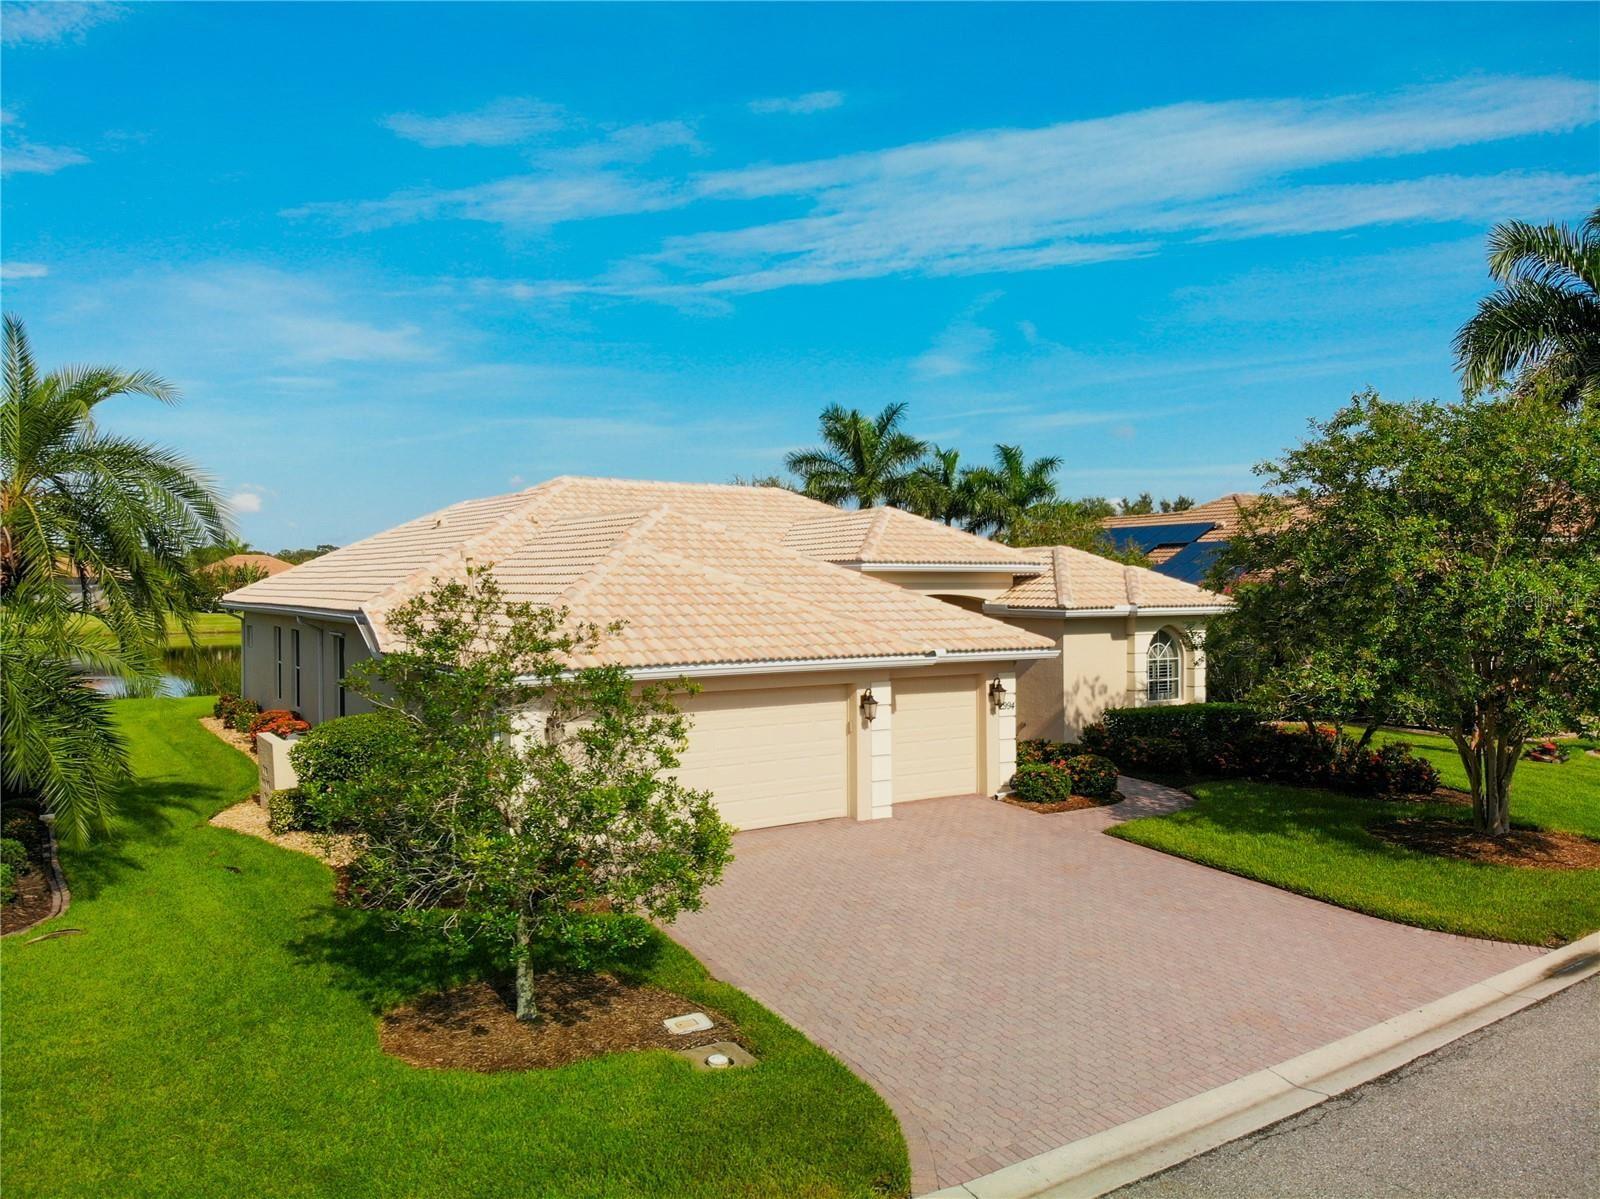 2994 BRAVURA LAKE DRIVE, Sarasota, FL 34240 - #: A4510115